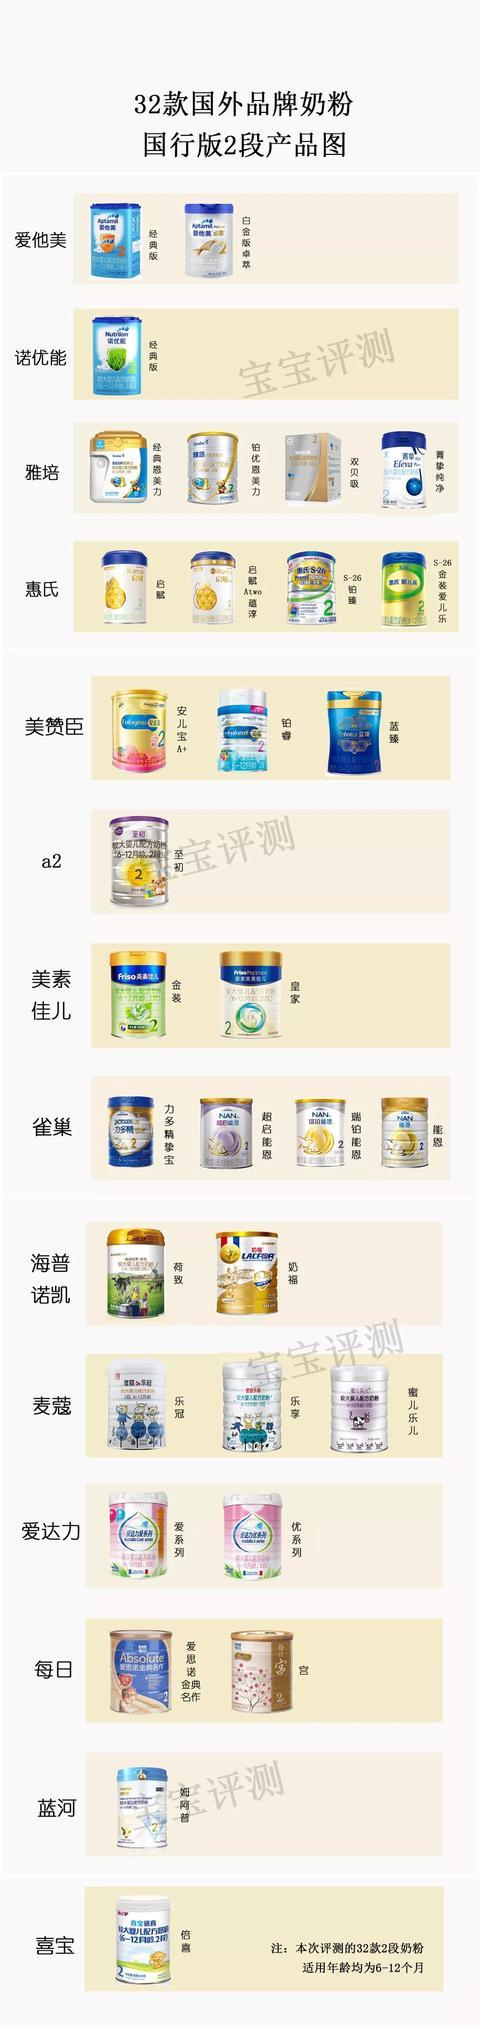 进口奶粉品牌有哪些,32款洋品牌奶粉独立评测二:458块和178块的排名居然差不多!